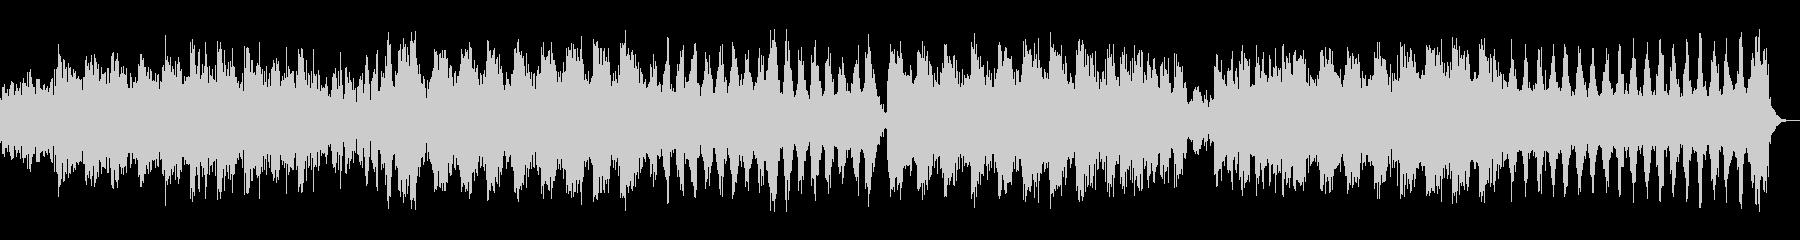 フェルトピアノを使ったネオクラシカルの未再生の波形